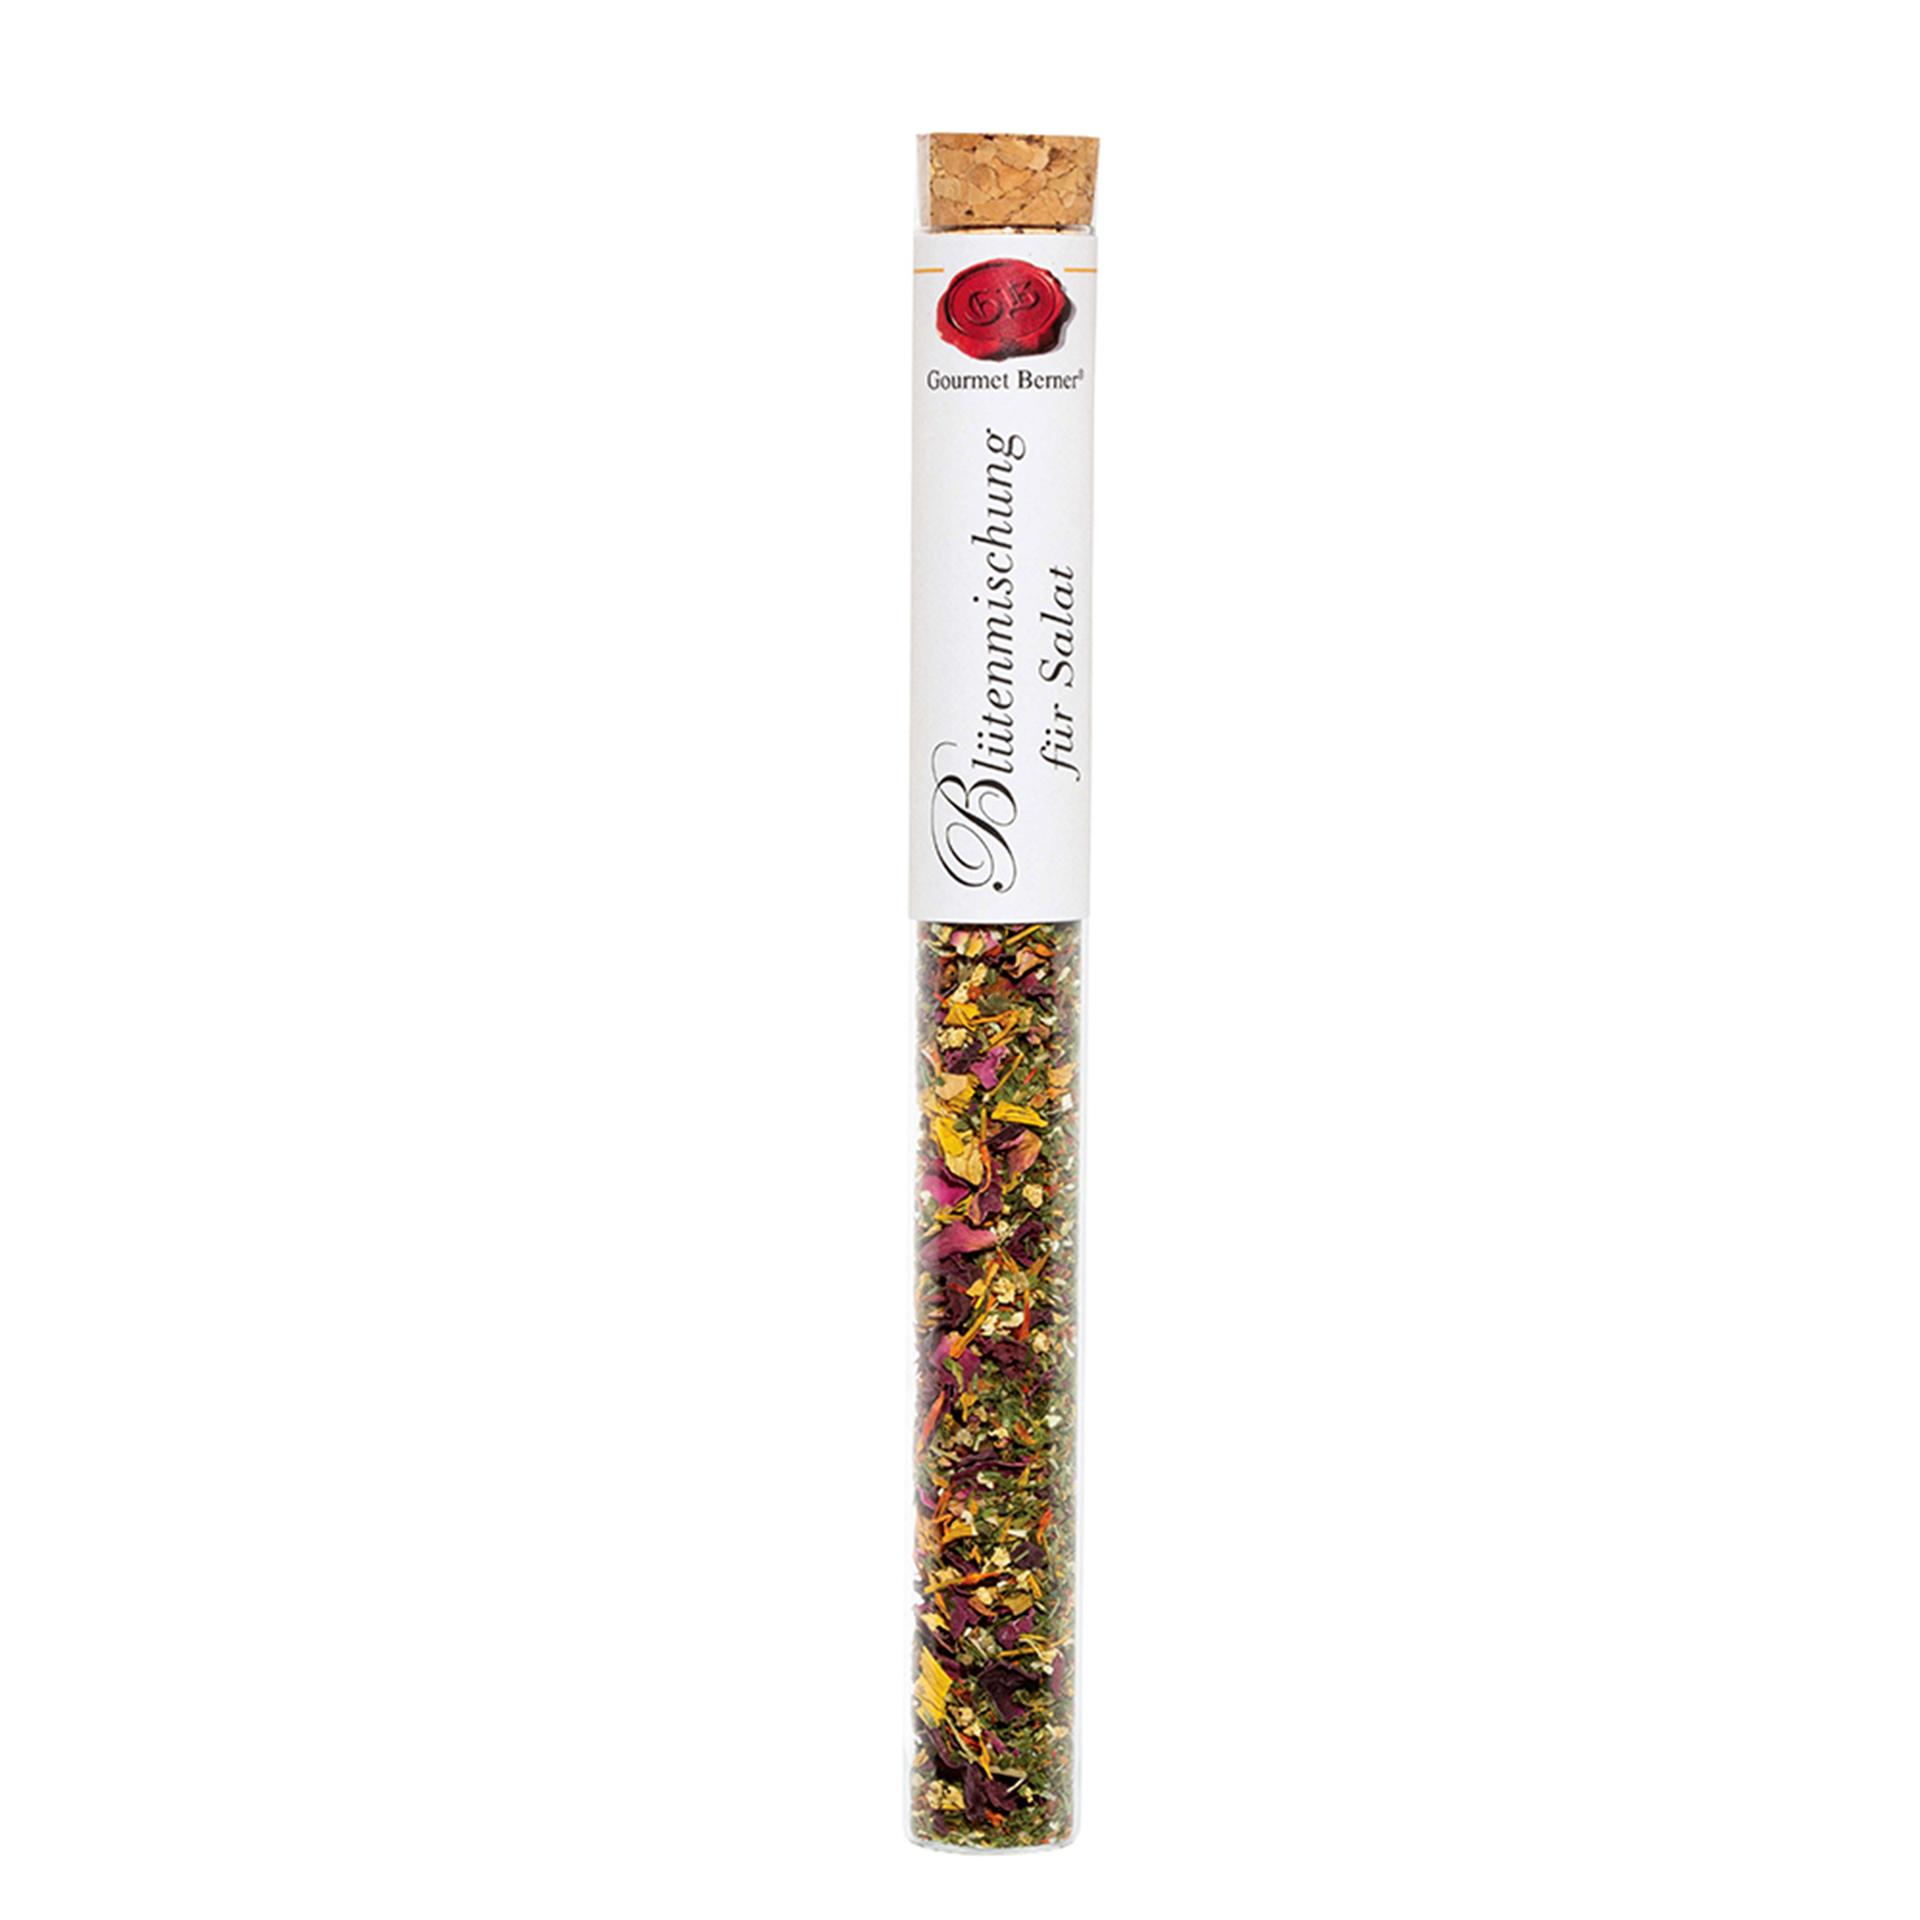 Gourmet Berner - Blütenmischung für Salat, Gewürz in Vitro